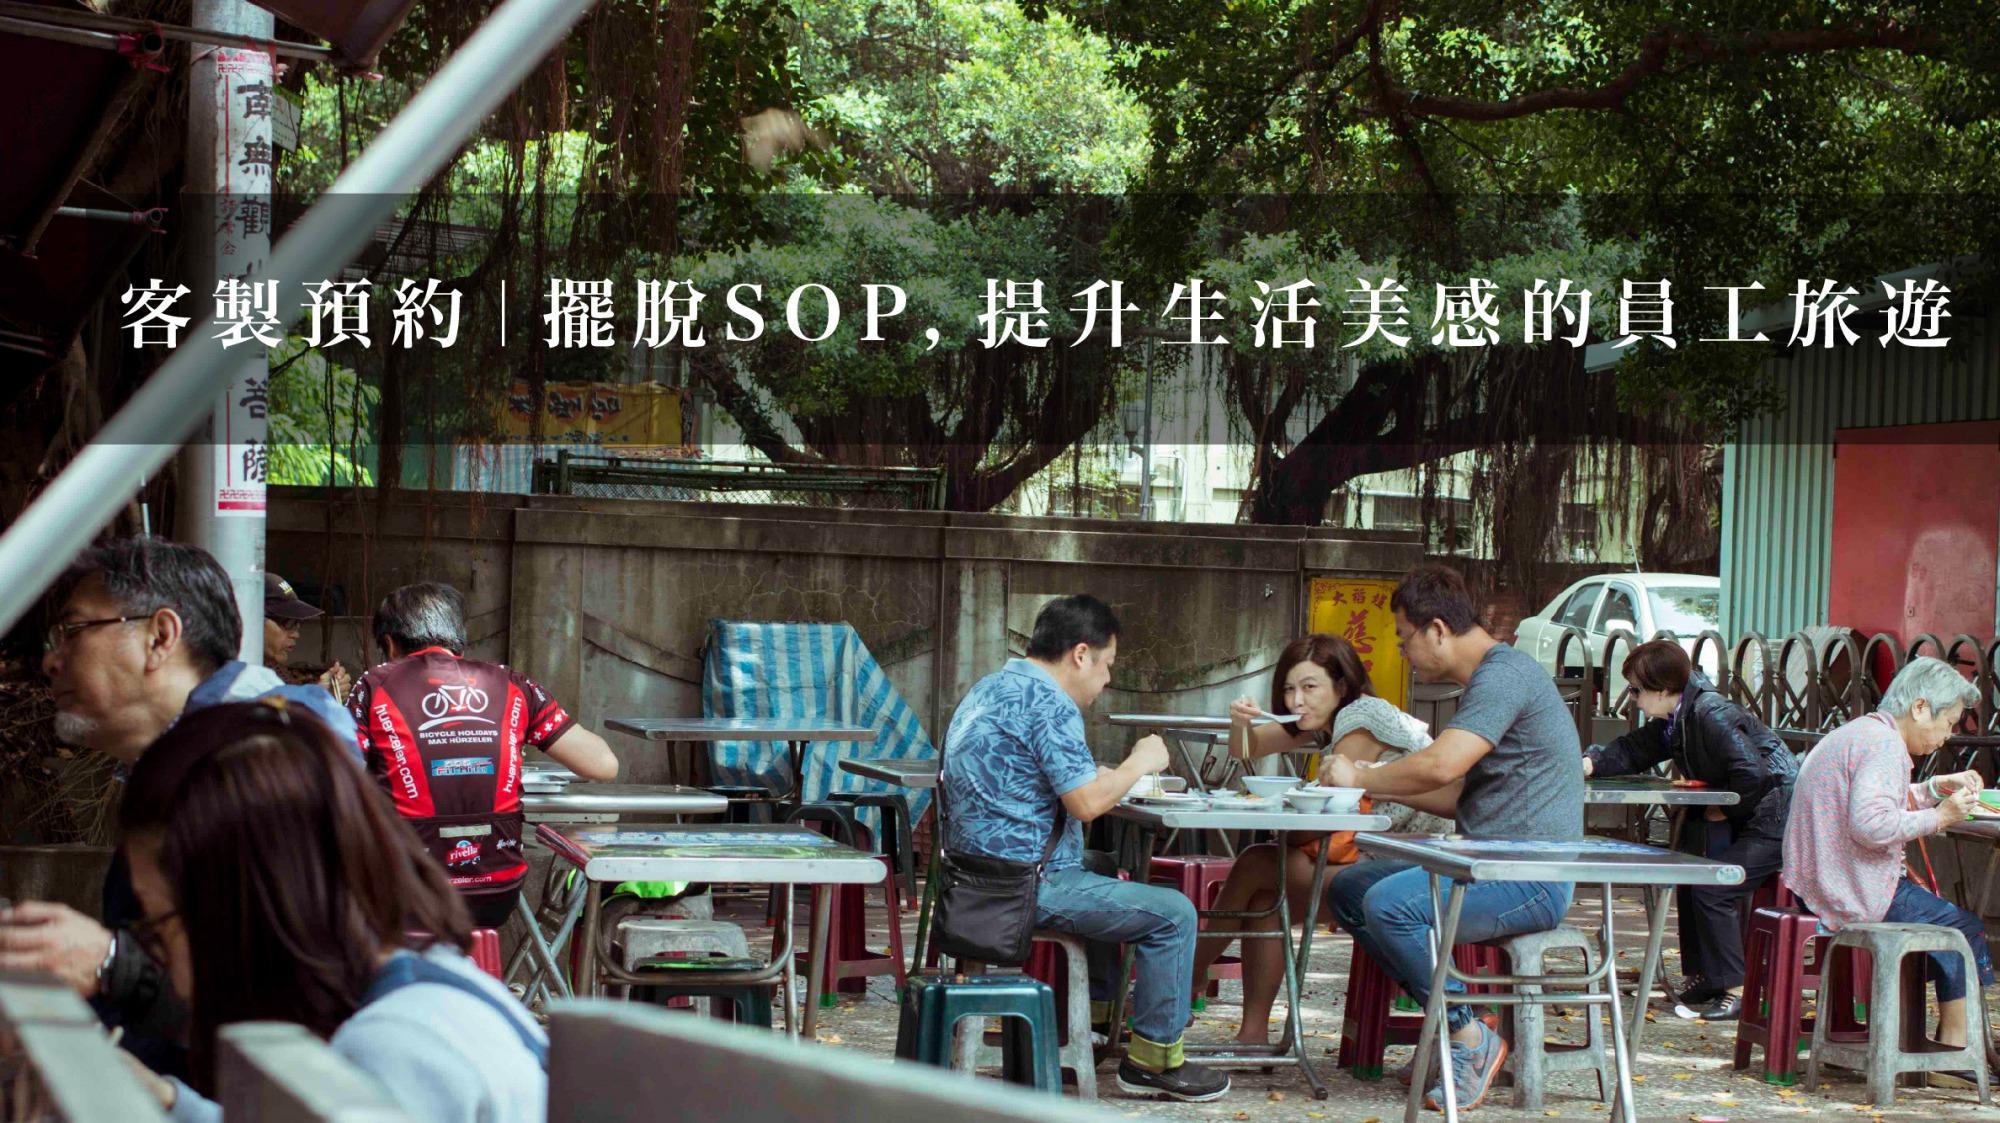 客製預約|擺脫SOP,提升生活美感的員工旅遊.jpg